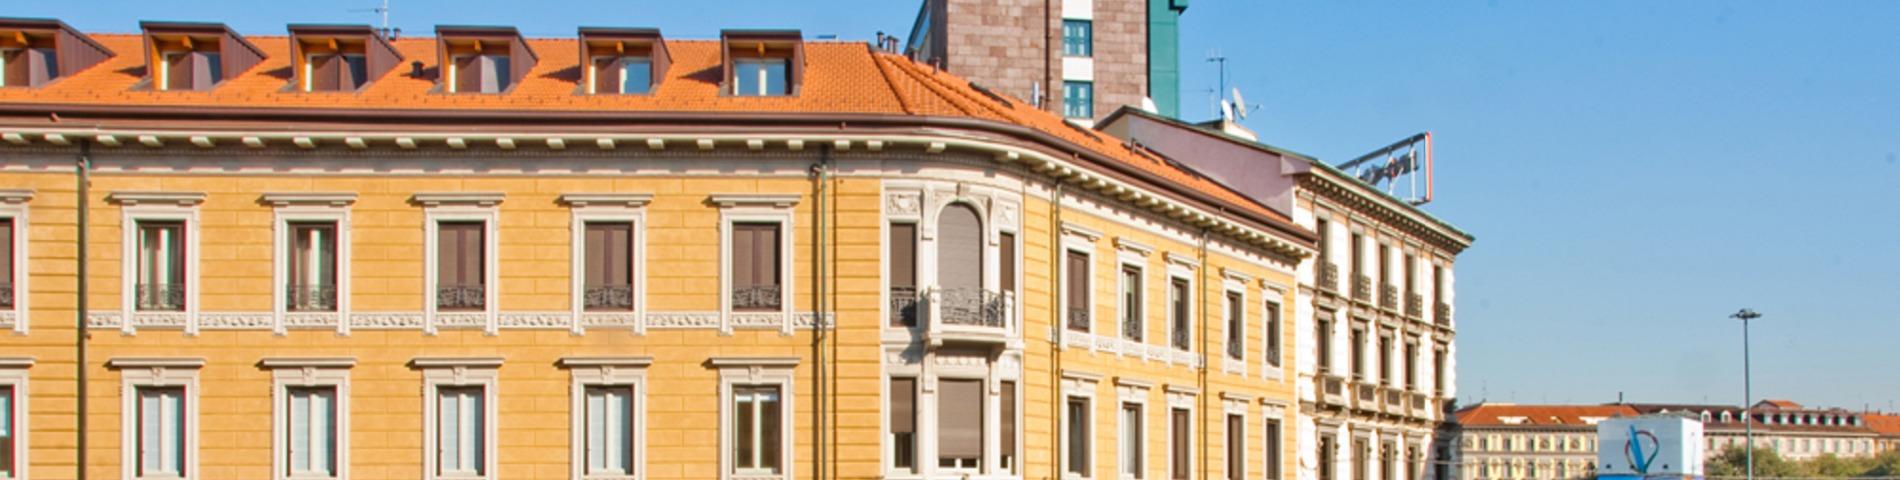 Imatge 1 de l'escola Istituto Dante Alighieri